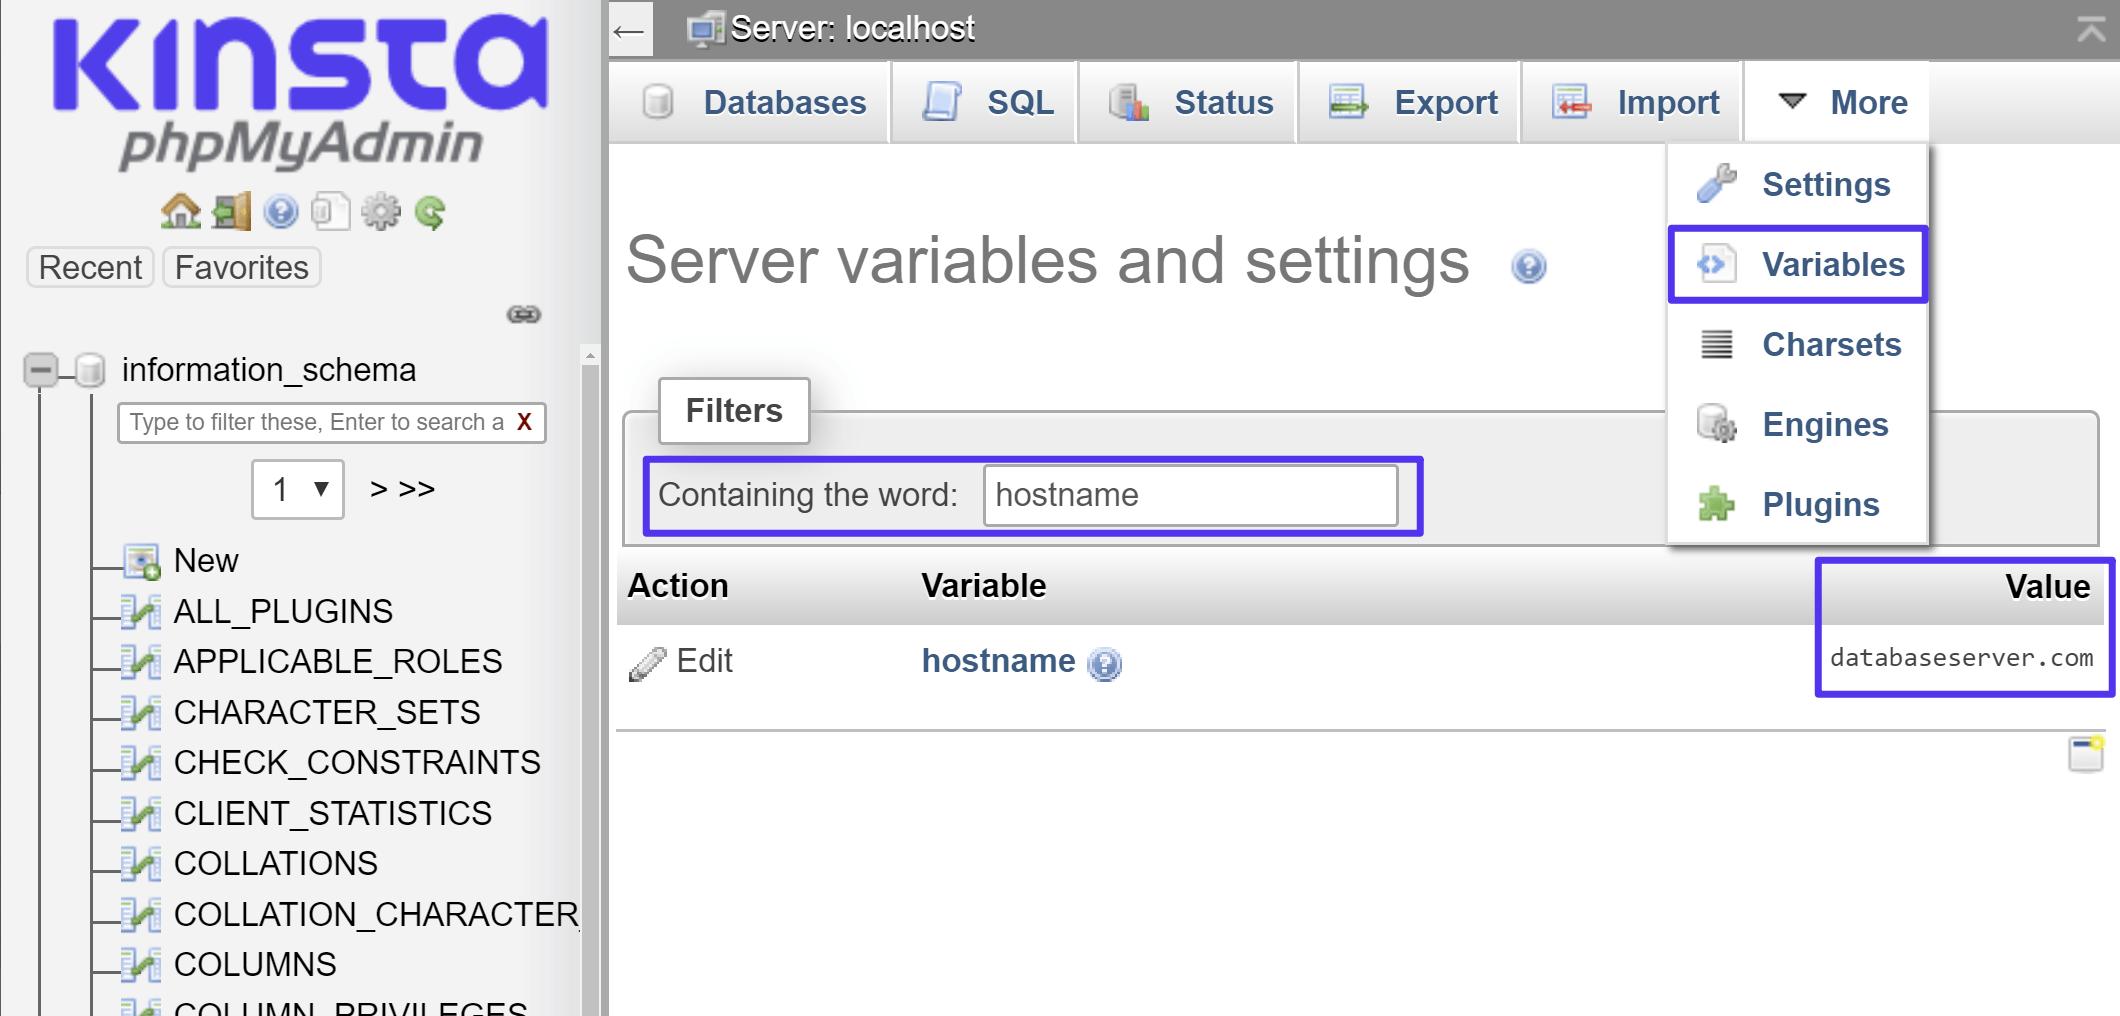 Comment trouver la variable hostname dans phpMyAdmin